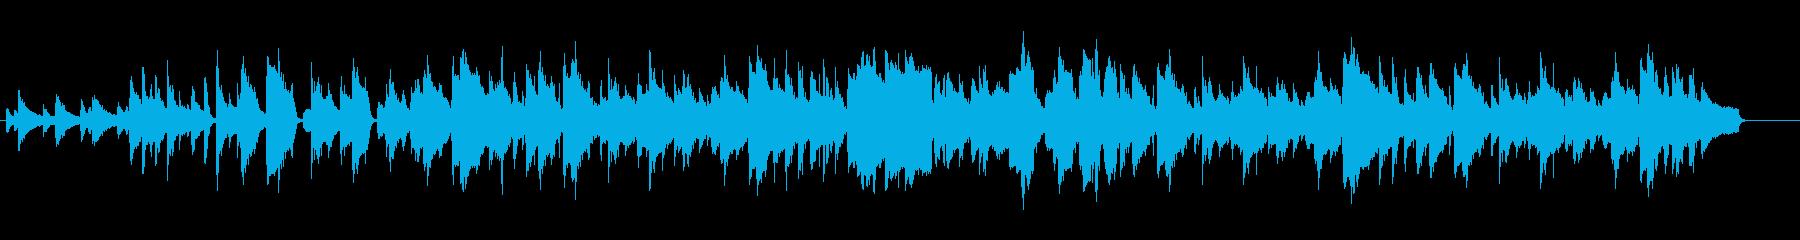 ほのぼのした雰囲気のジャズ風ポップの再生済みの波形